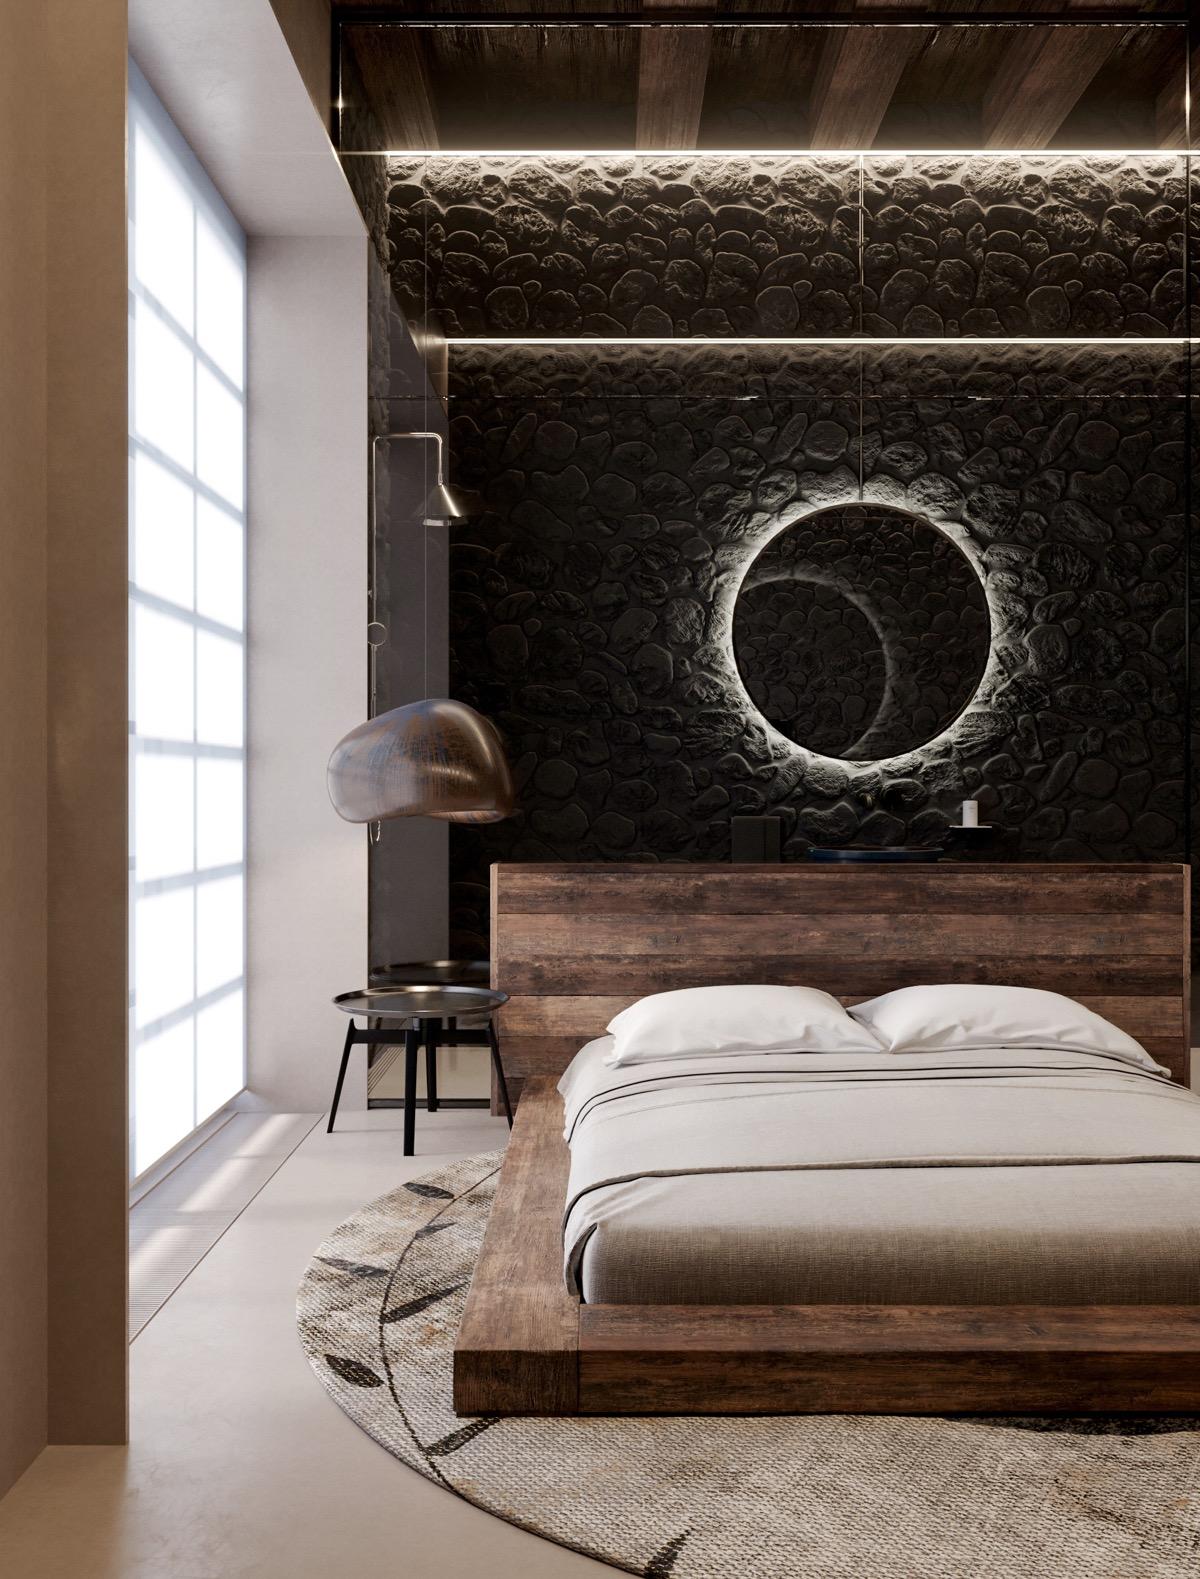 18 gợi ý cho thiết kế phòng ngủ sang trọng và phong cách - Ảnh 18.